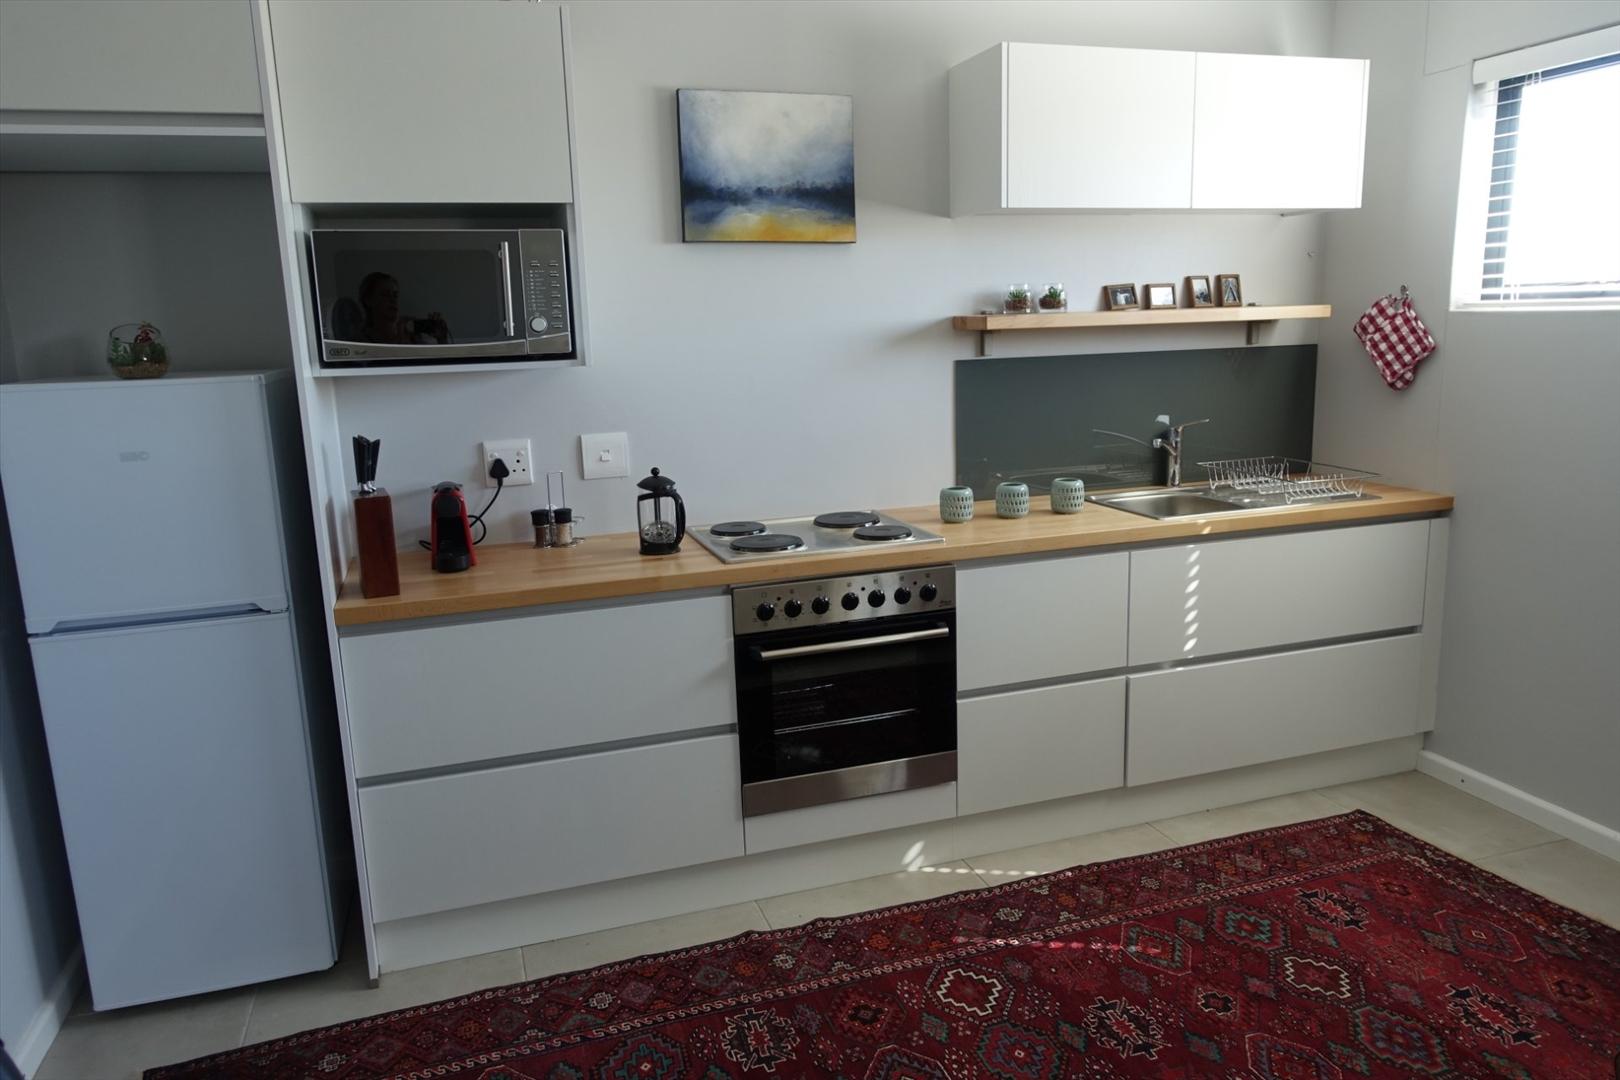 Flat kitchen area